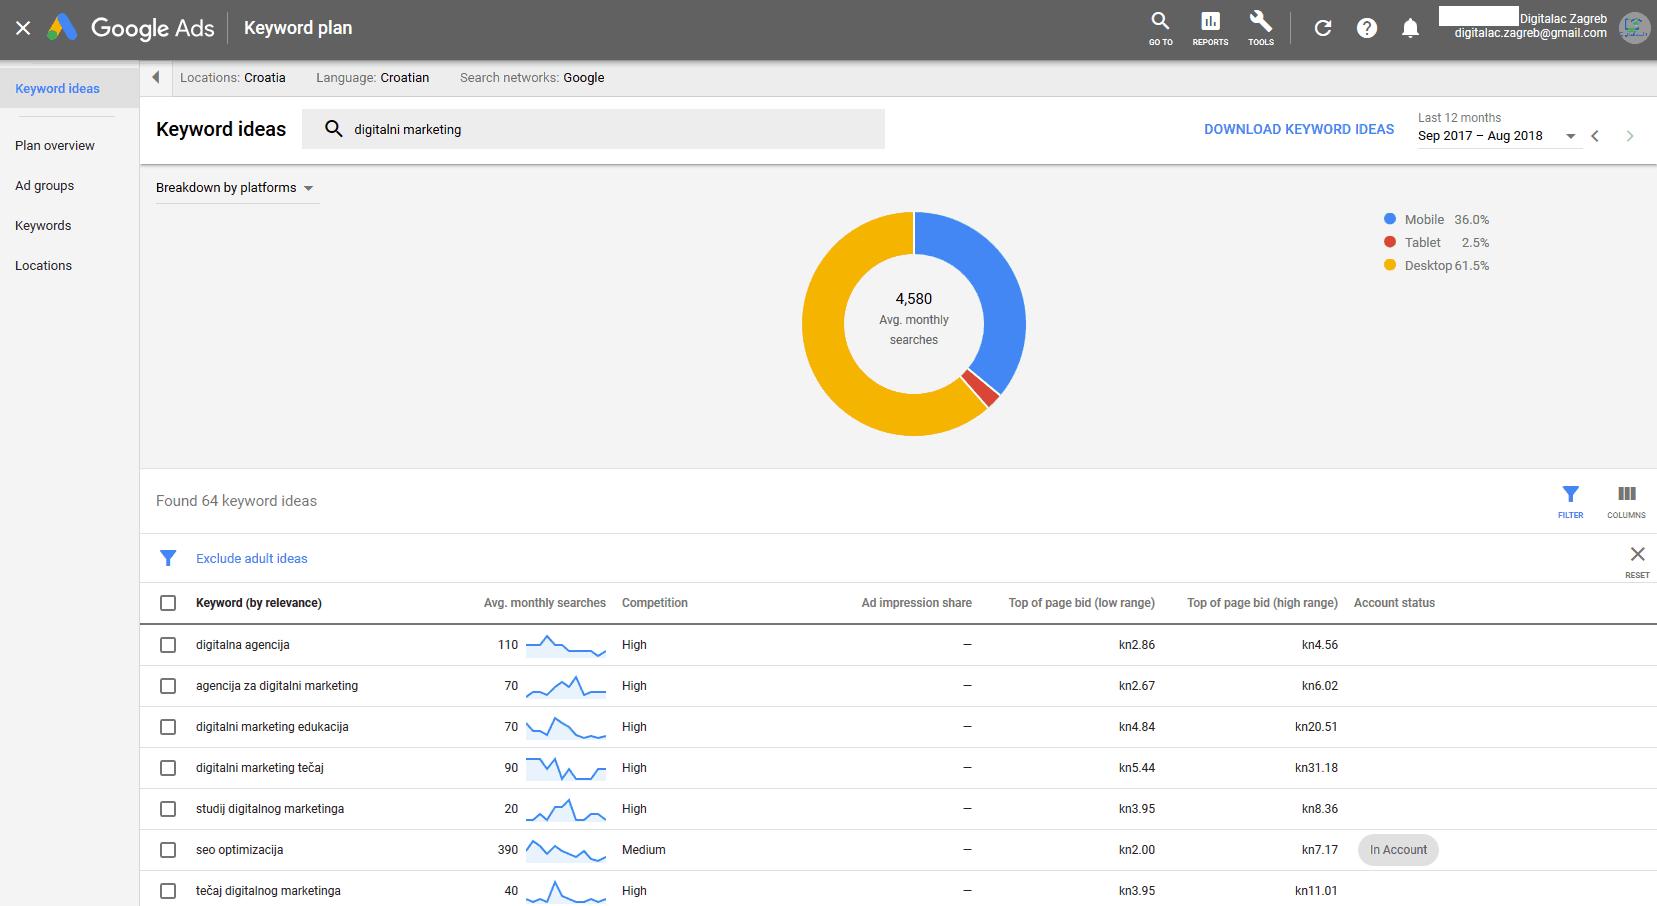 Google Ads alat za planiranje ključnih riječi